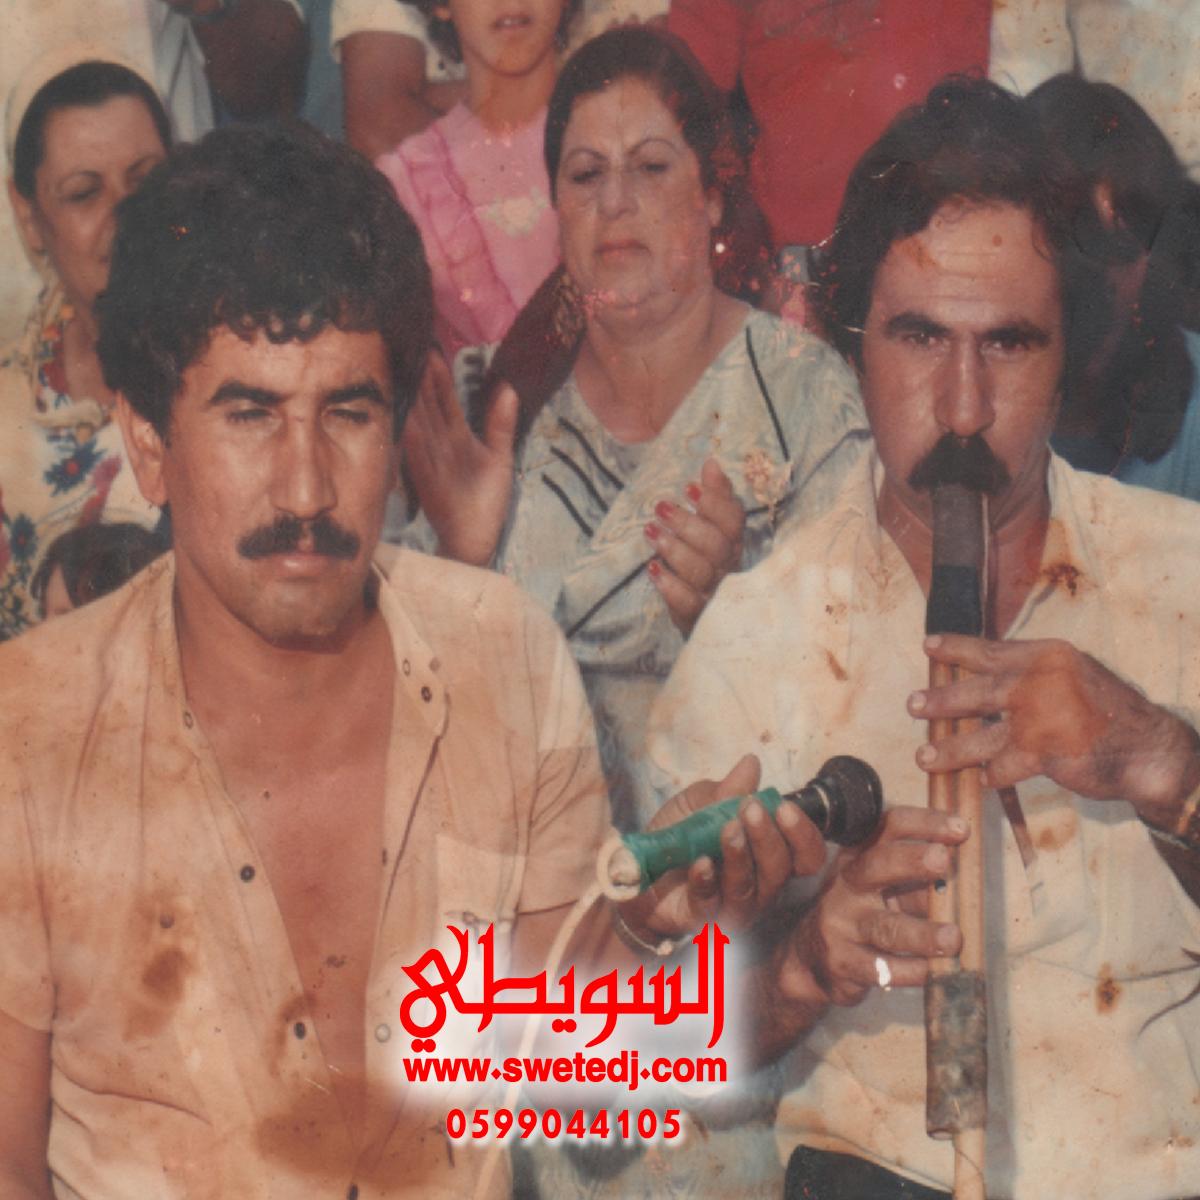 قاسم السويطي / استماع و تحميل اغاني  mp3 موقع تسجيلات السويطي